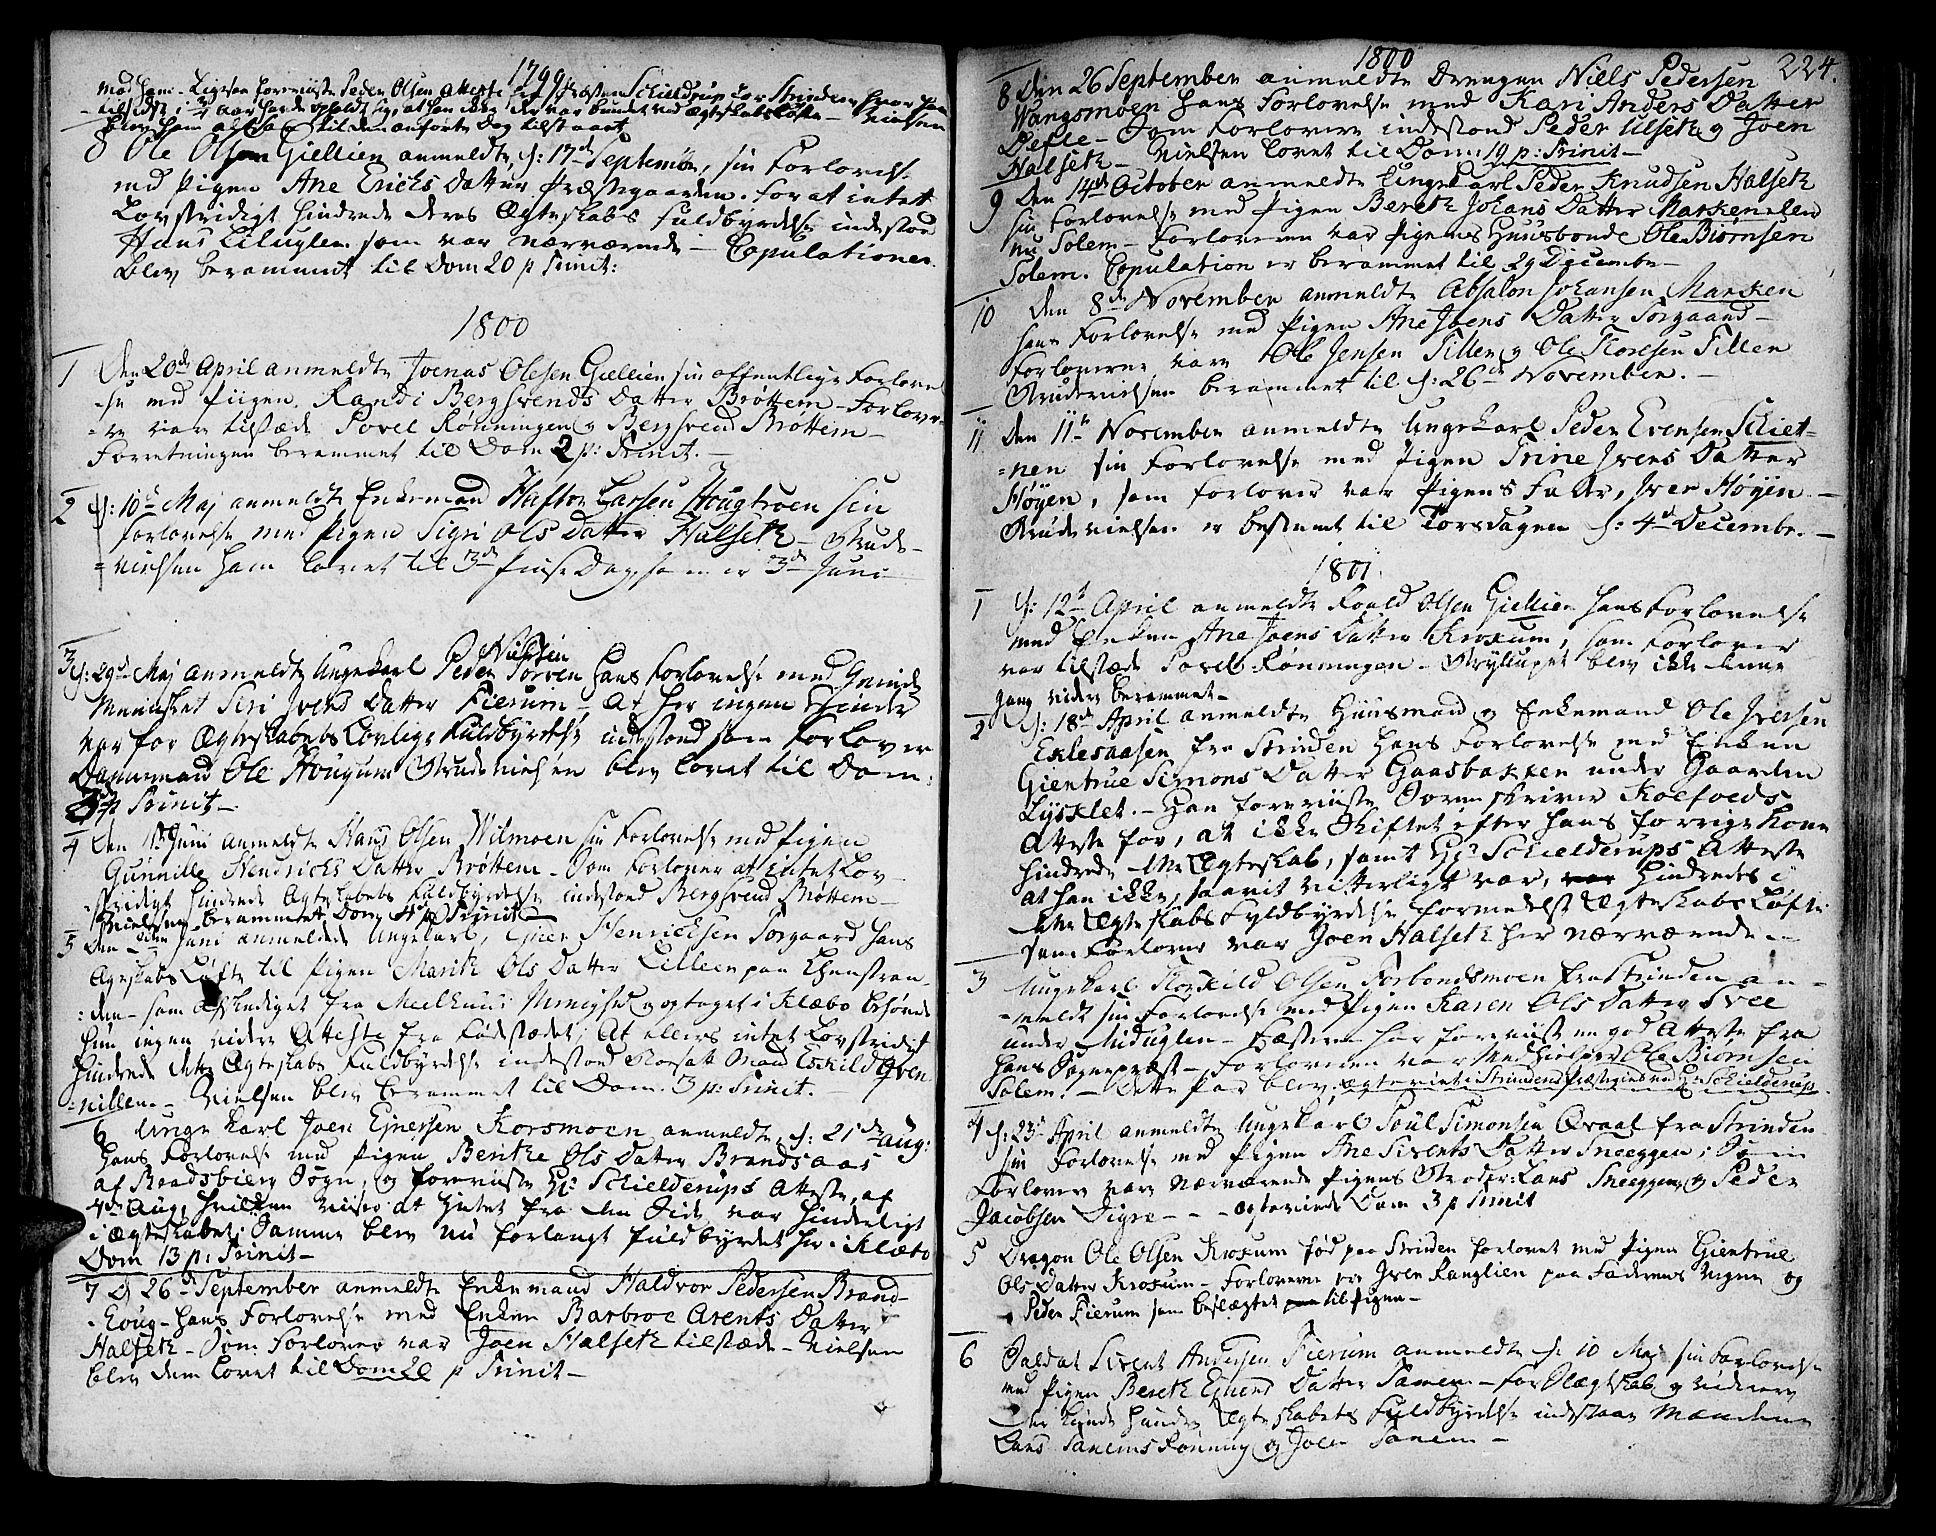 SAT, Ministerialprotokoller, klokkerbøker og fødselsregistre - Sør-Trøndelag, 618/L0438: Ministerialbok nr. 618A03, 1783-1815, s. 224